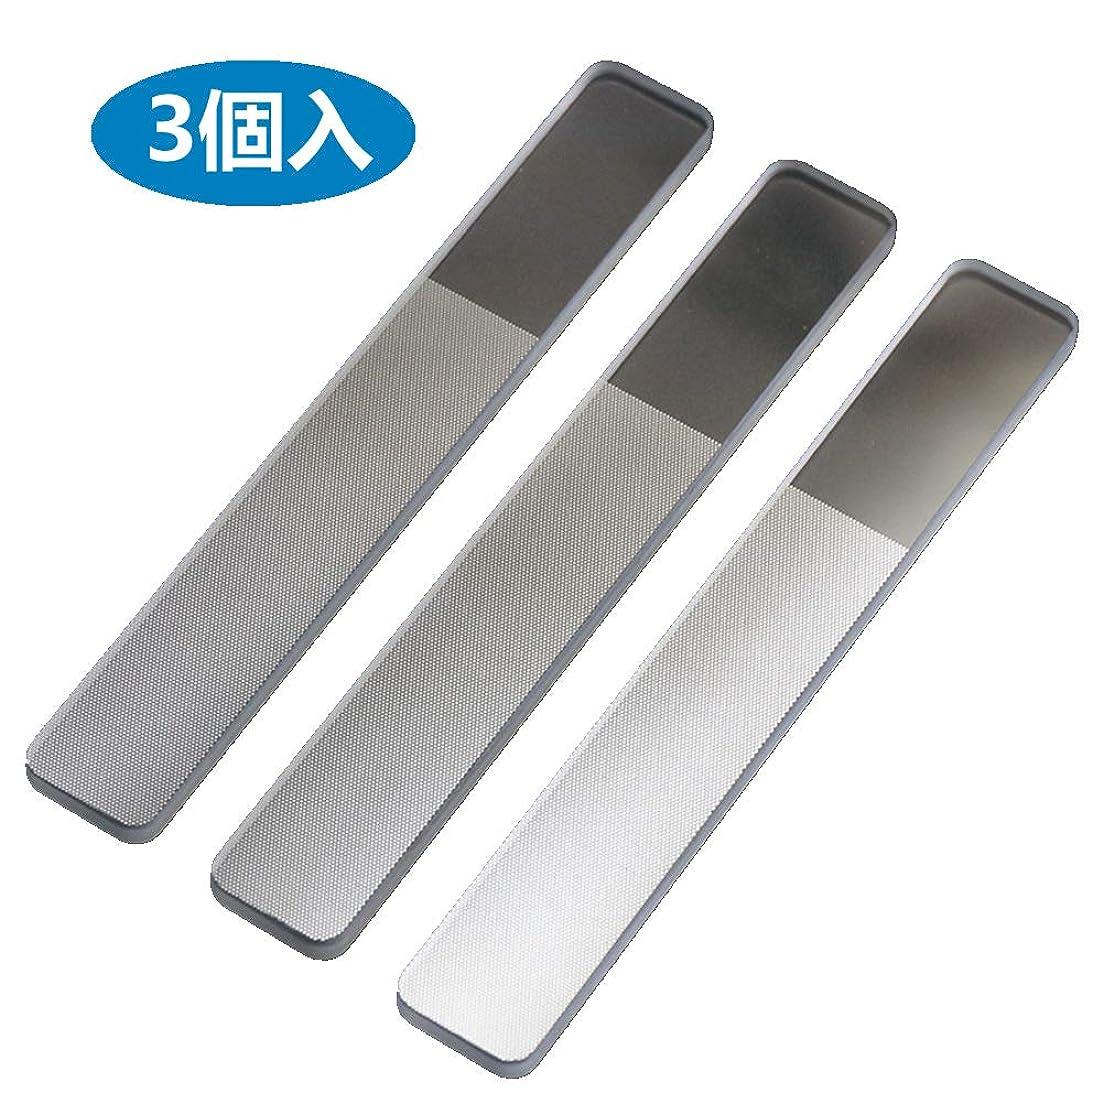 絶えず評議会租界MX 爪やすり 爪磨き ガラス製 (スタイル A 3個セット)